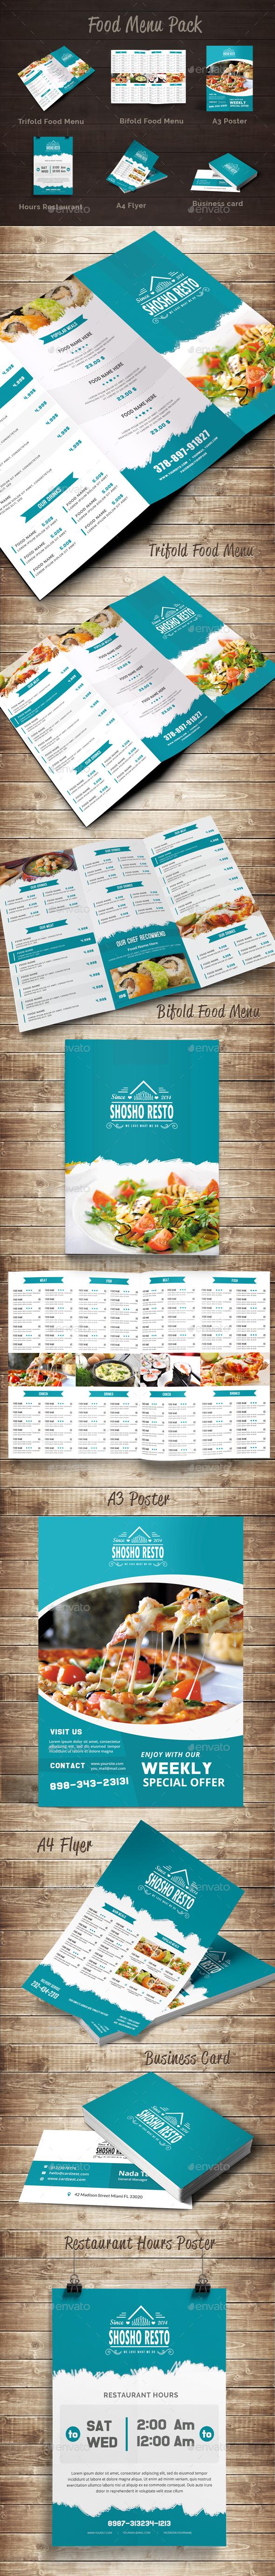 Food Menu Pack 11 - Food Menus Print Templates